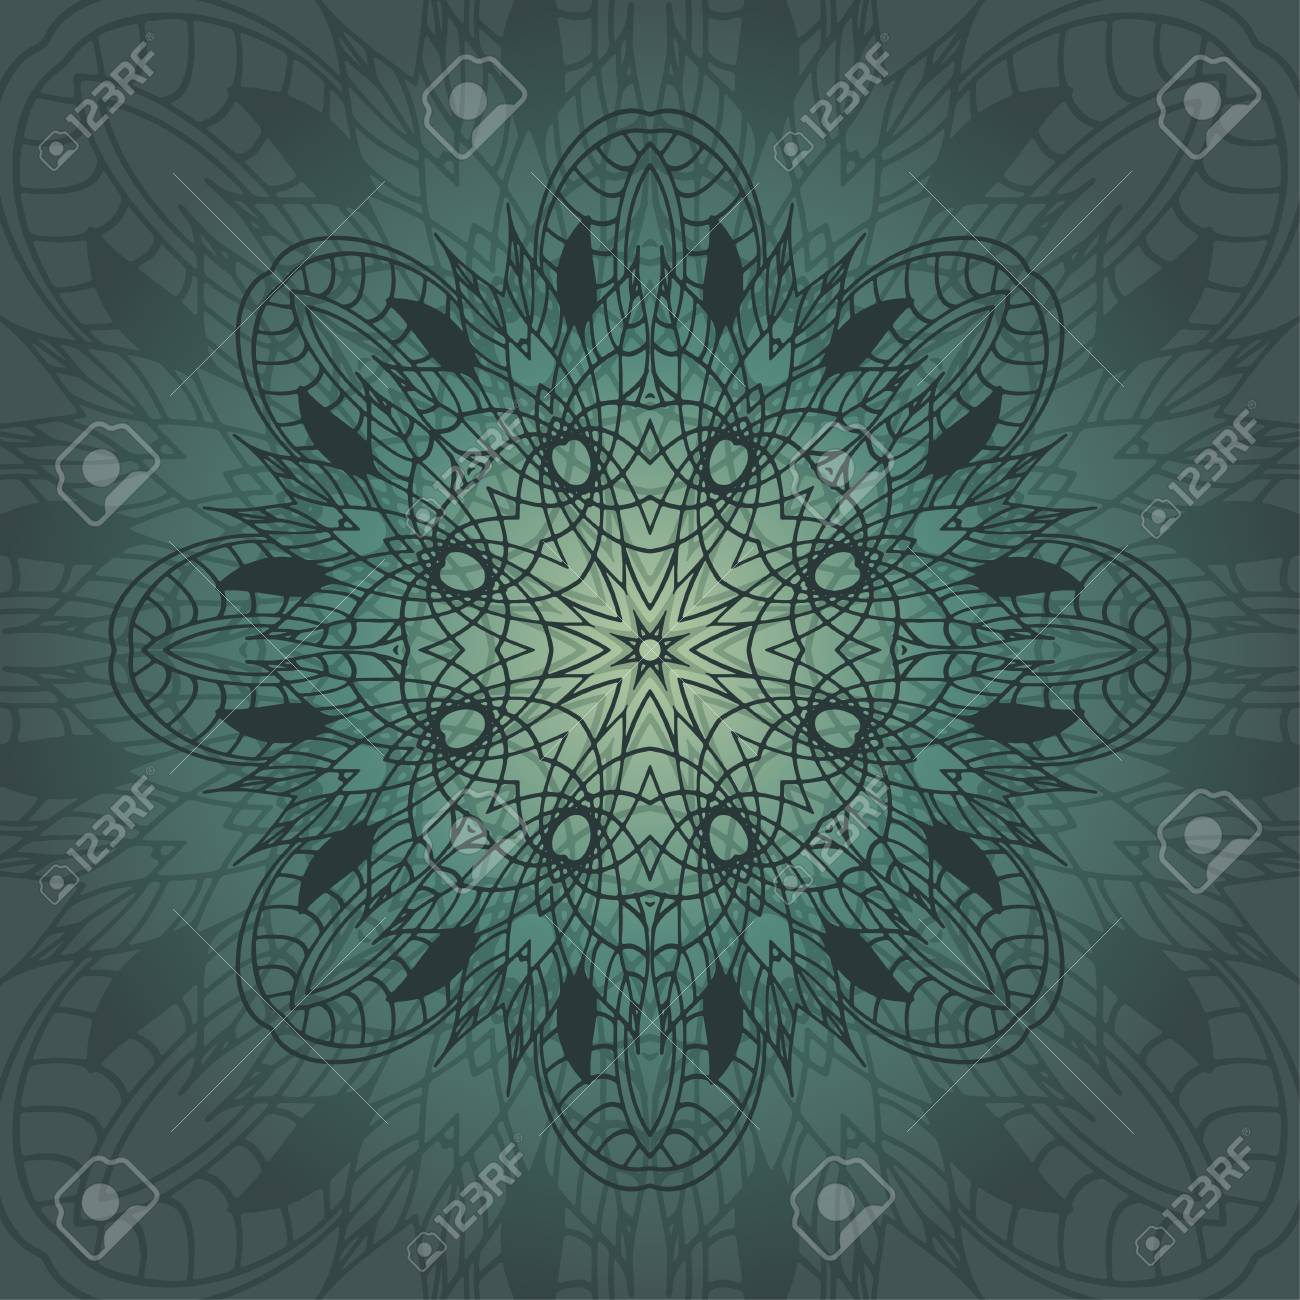 Mandala Karte In Smaragd Farben Für Hintergrund, Einladungen ...